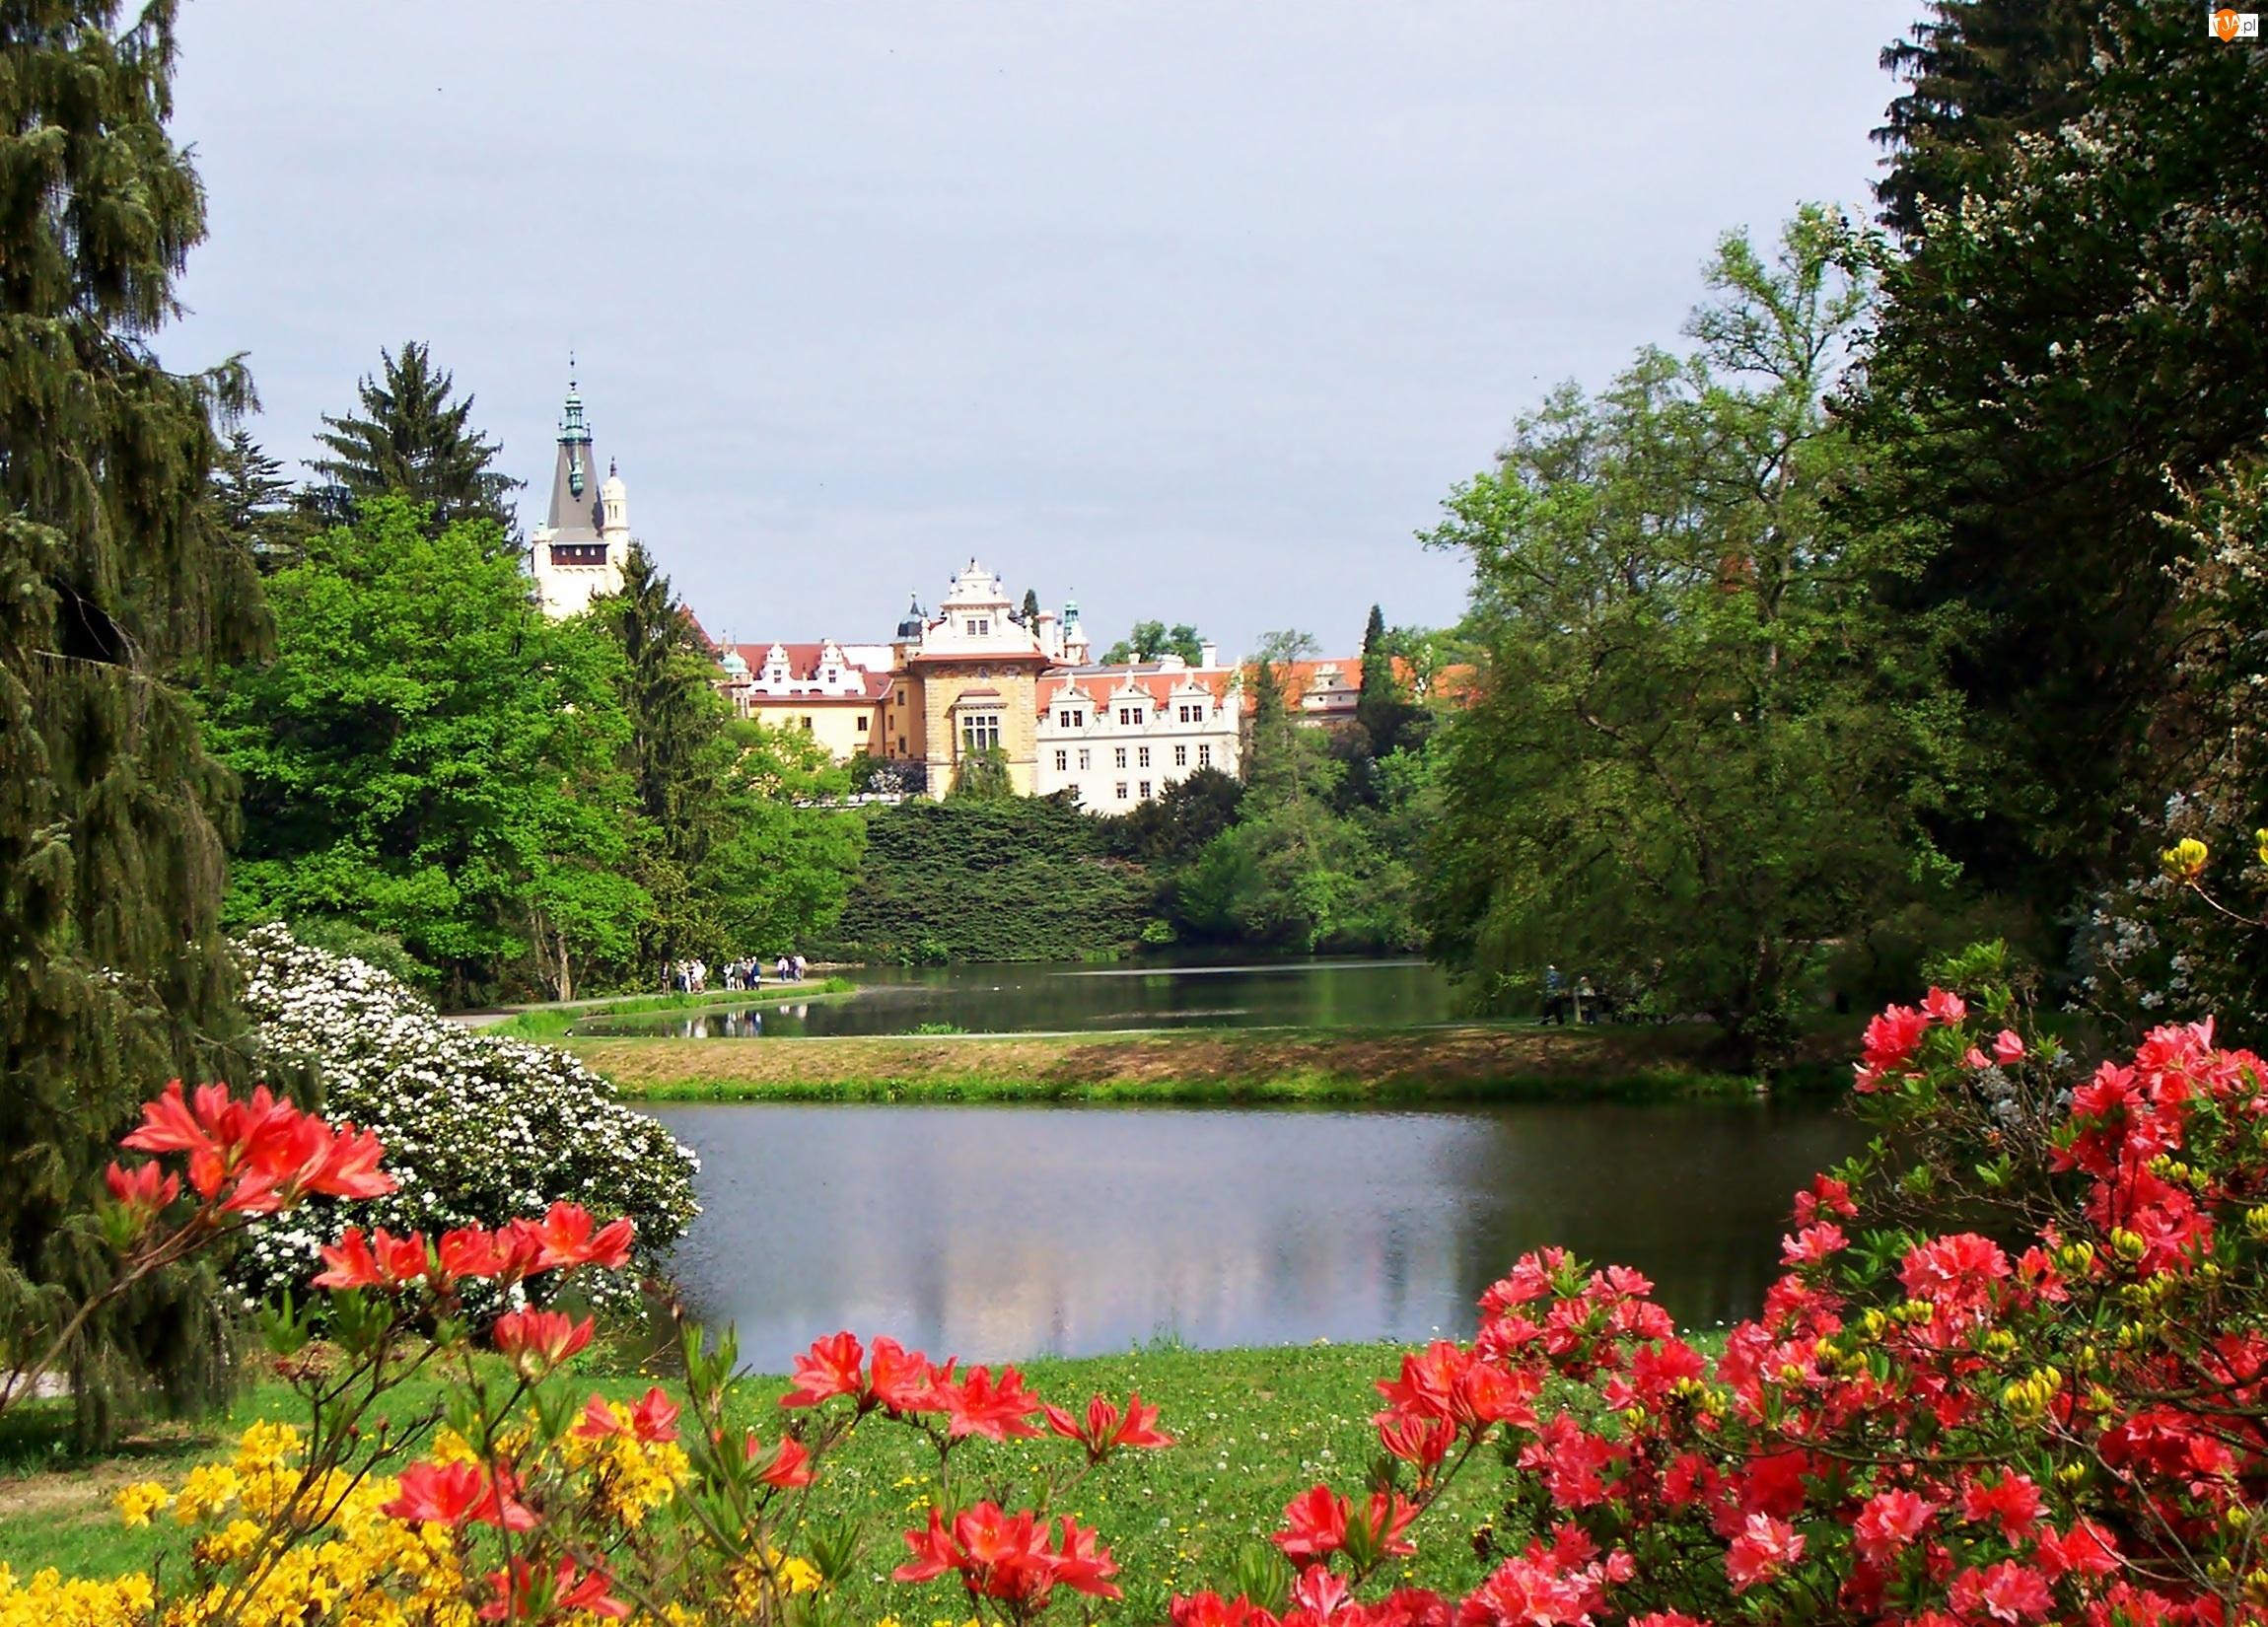 Jezioro, Rododendrony, Zamek, Pruhonice, Park, Wiosna